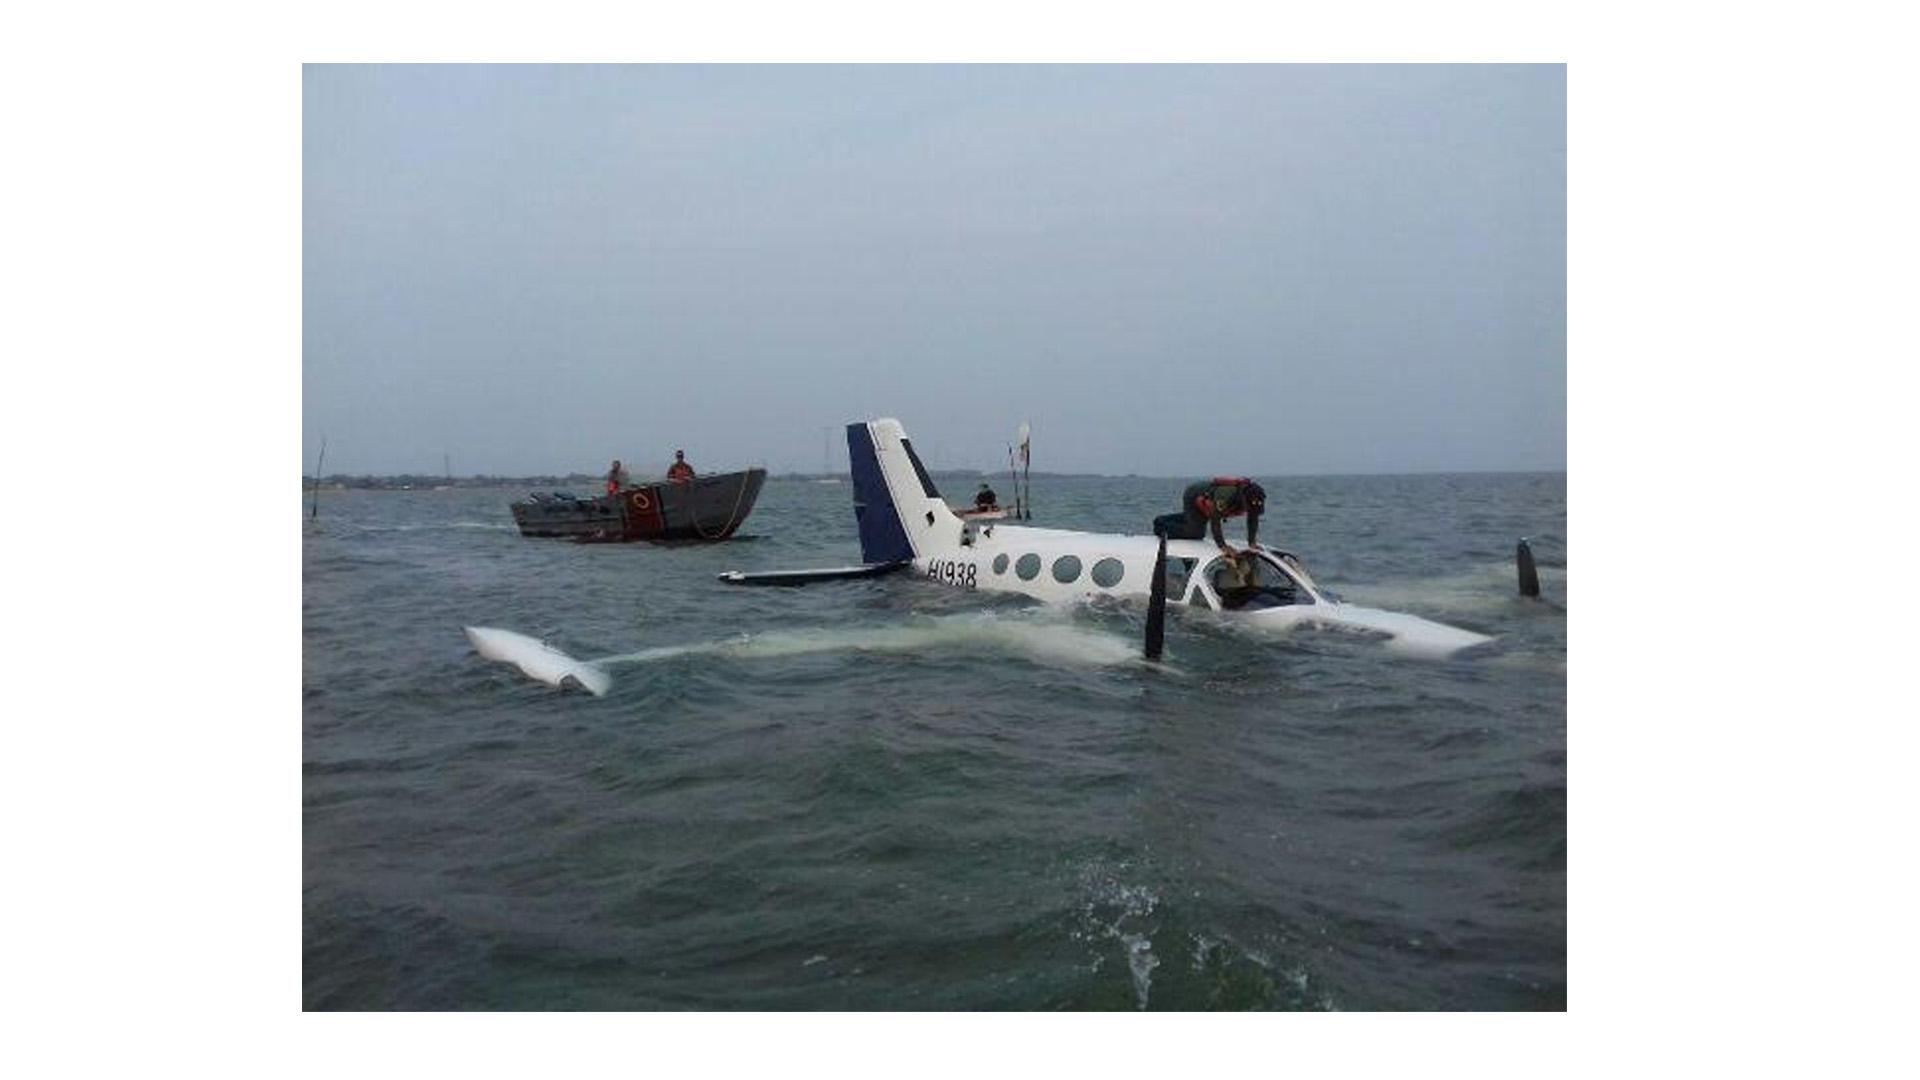 Se presume que la aeronave está relacionada al narcotráfico